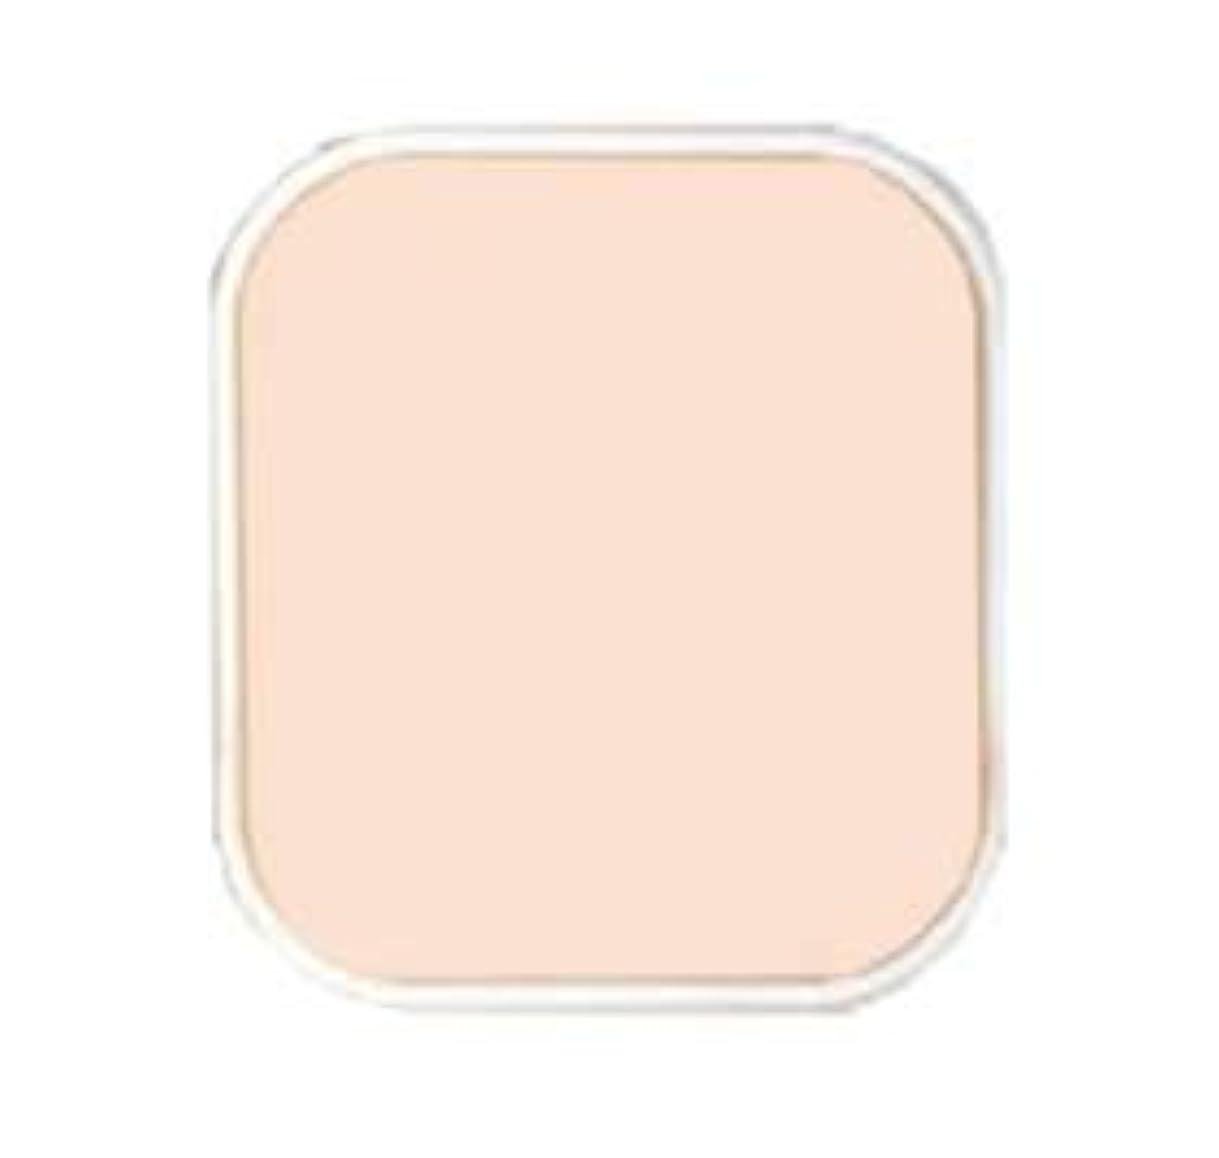 控える広範囲にゲージアクセーヌ クリーミィファンデーションPV(リフィル)<P10明るいピンク系>※ケース別売り(11g)